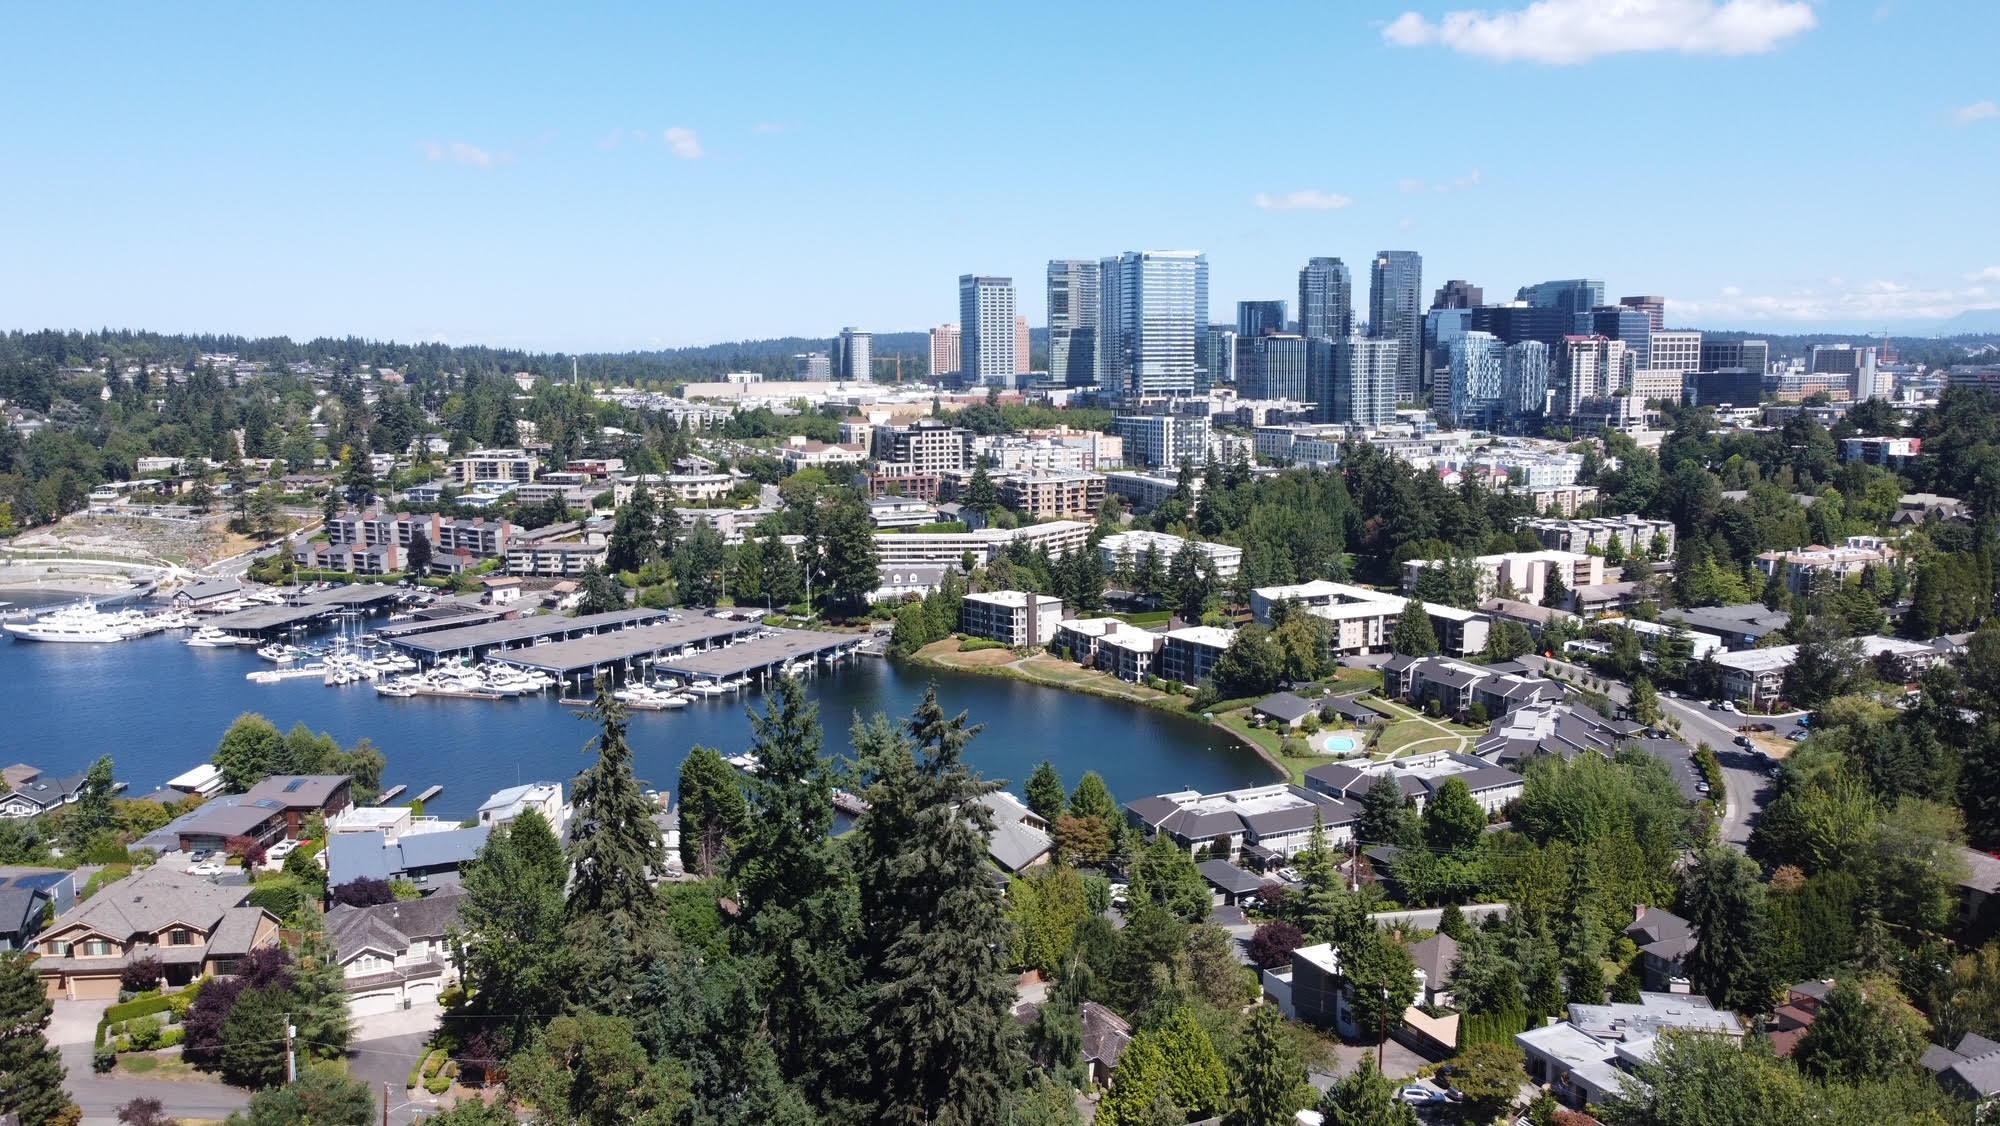 Birdseye view of Downtown Bellevue